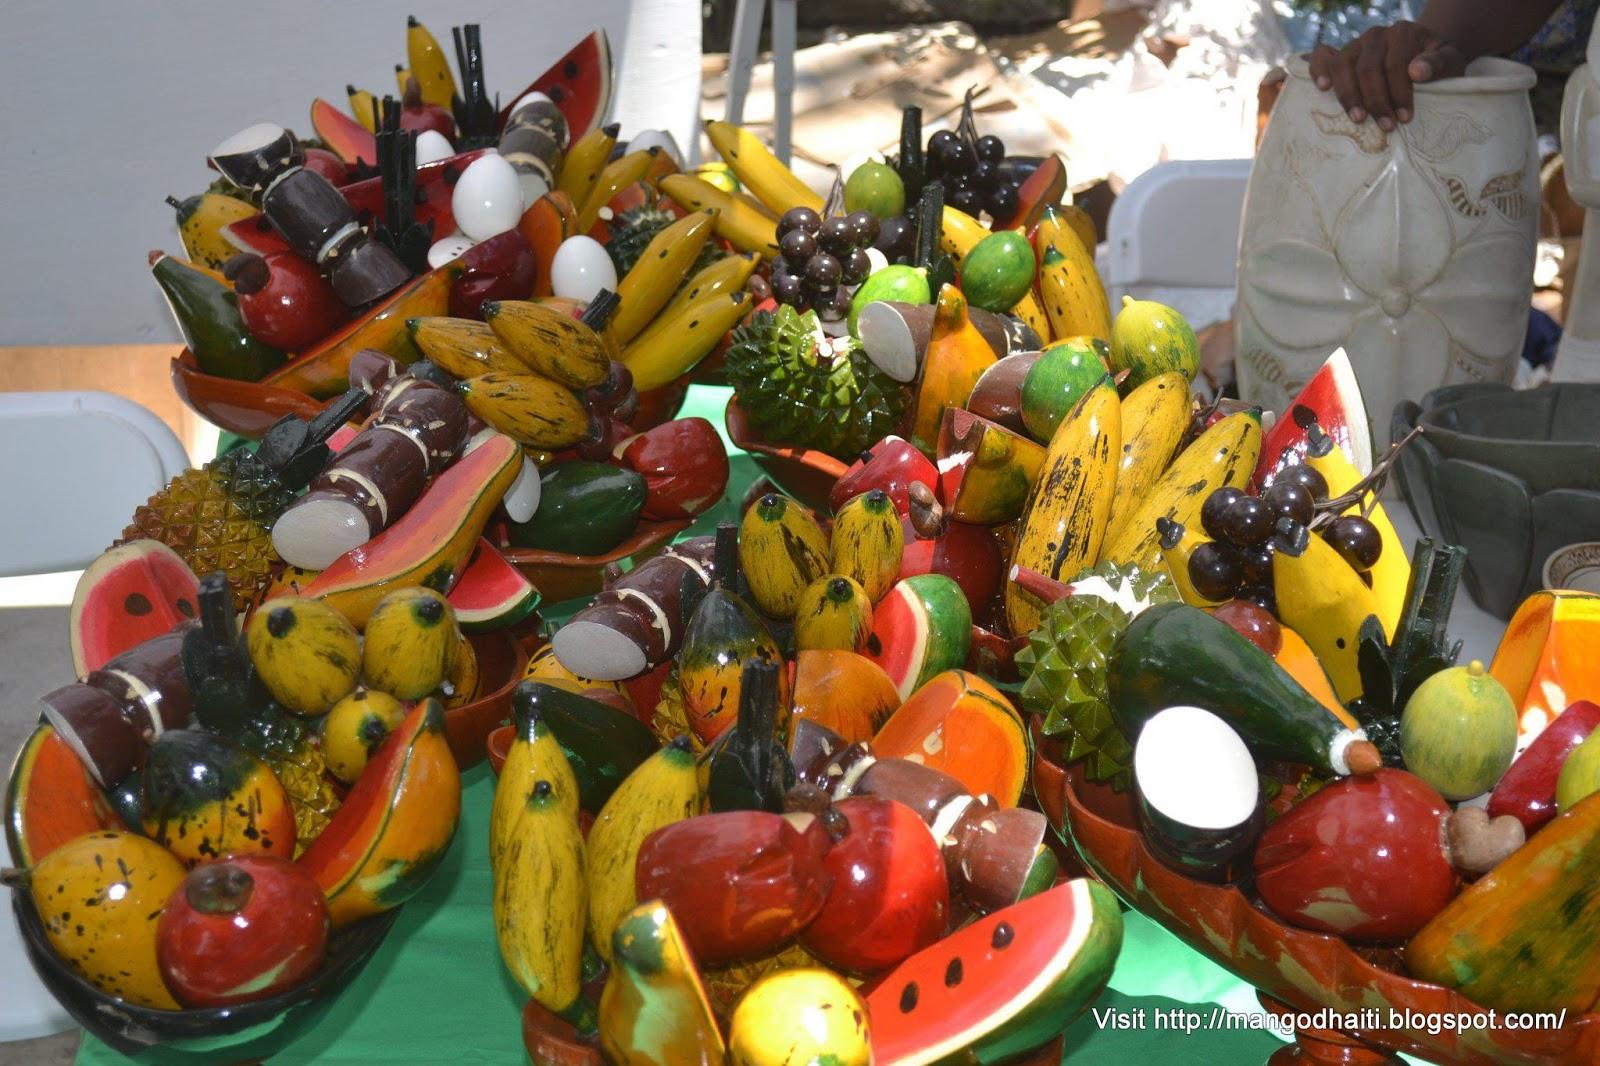 Ministere de la culture haiti des artisans exposent la for Chambre de culture artisanale